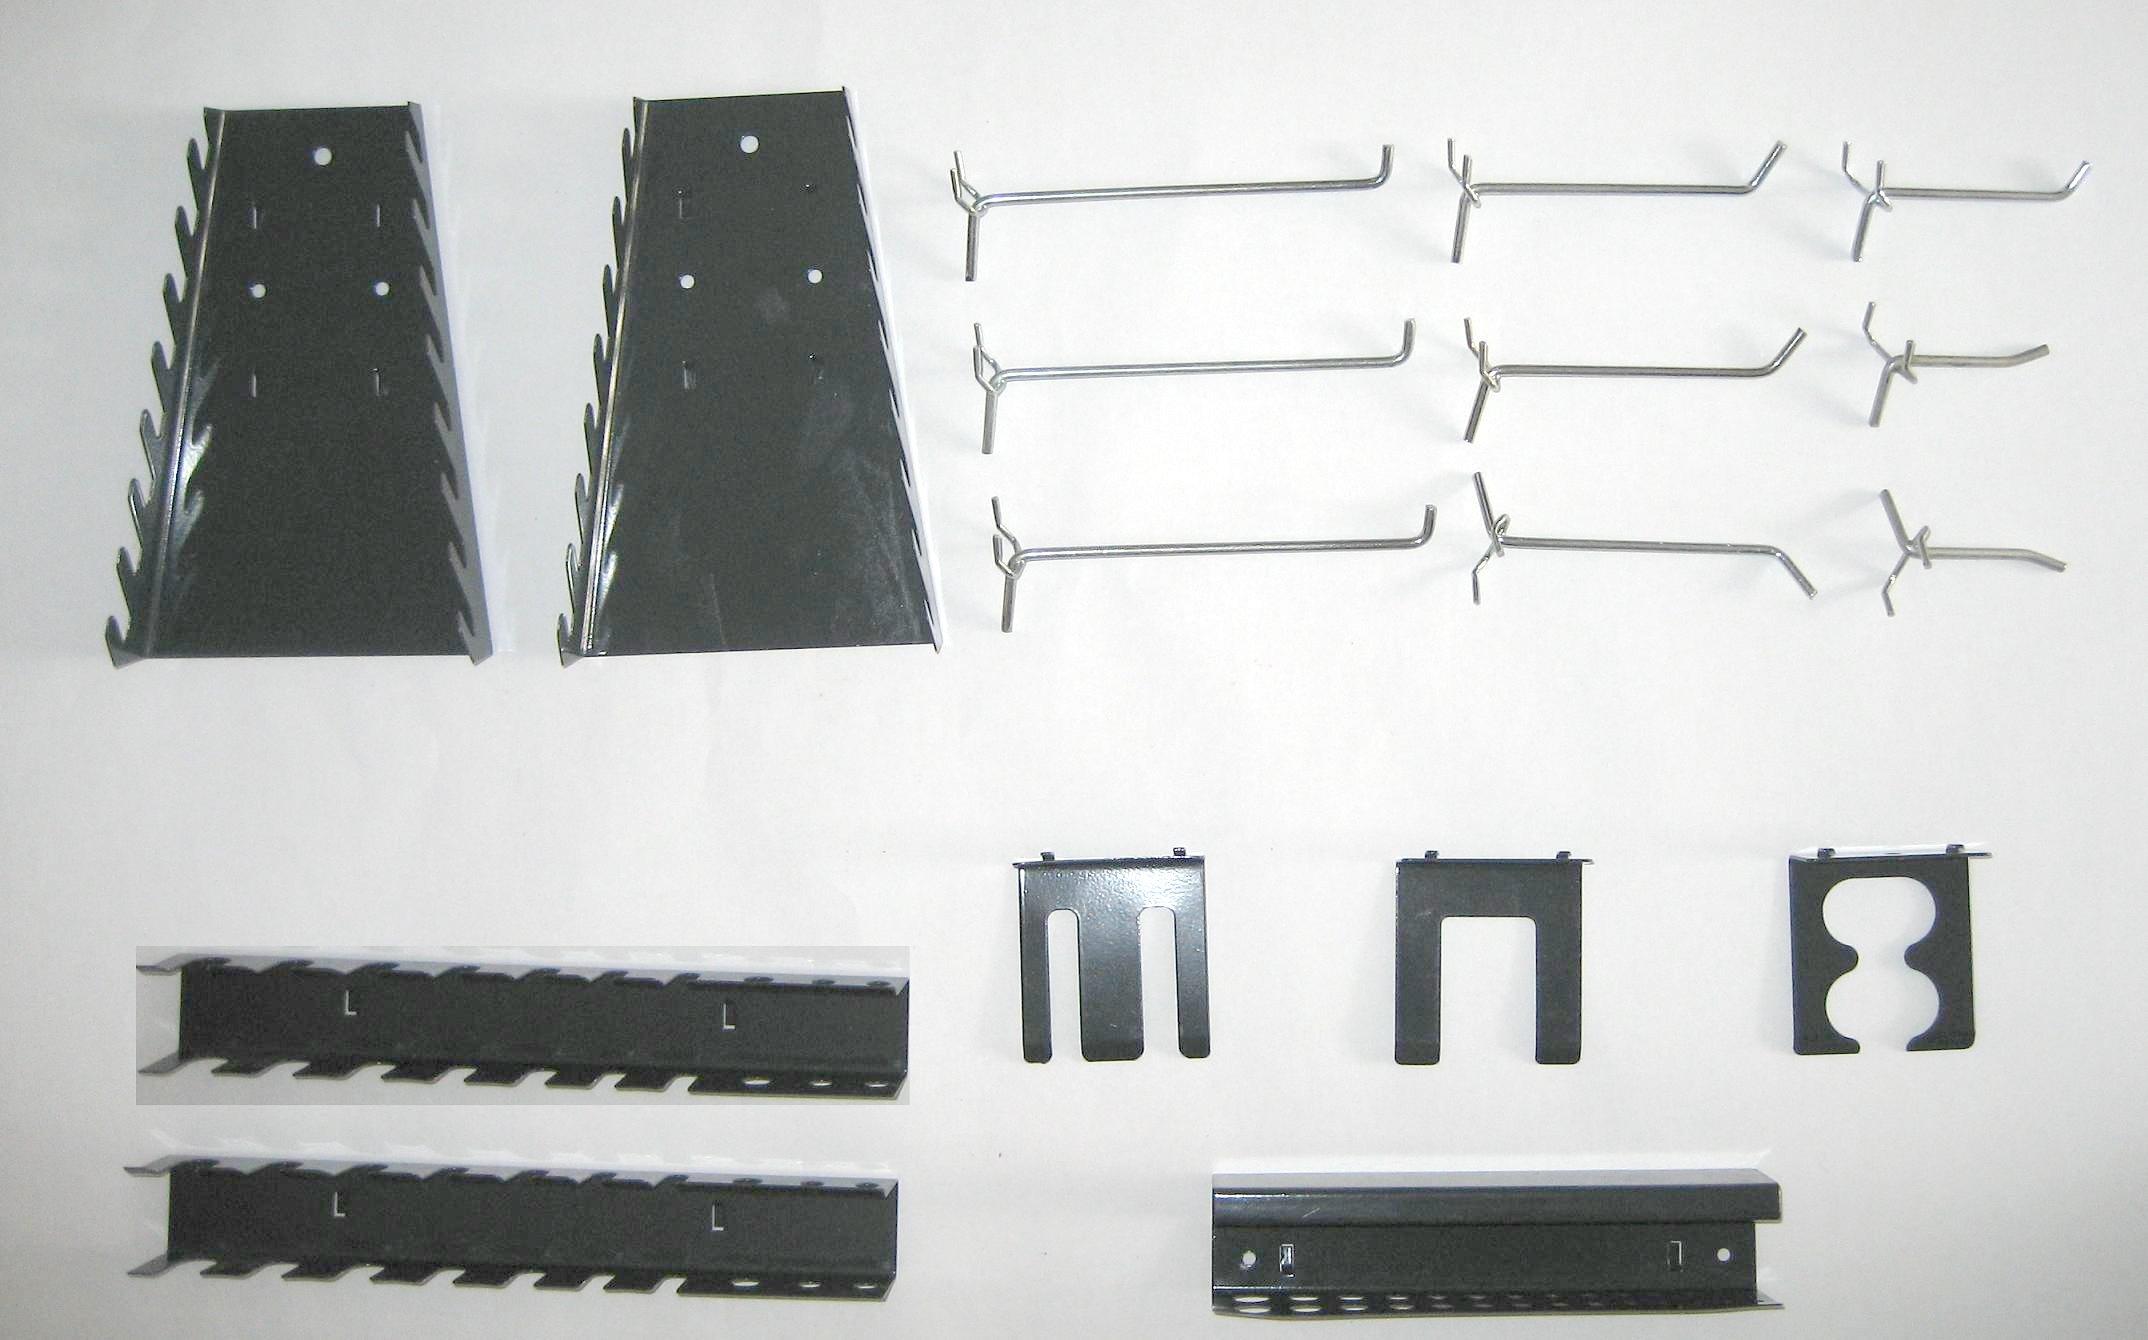 17 teiliges haken set f r lochw nde. Black Bedroom Furniture Sets. Home Design Ideas